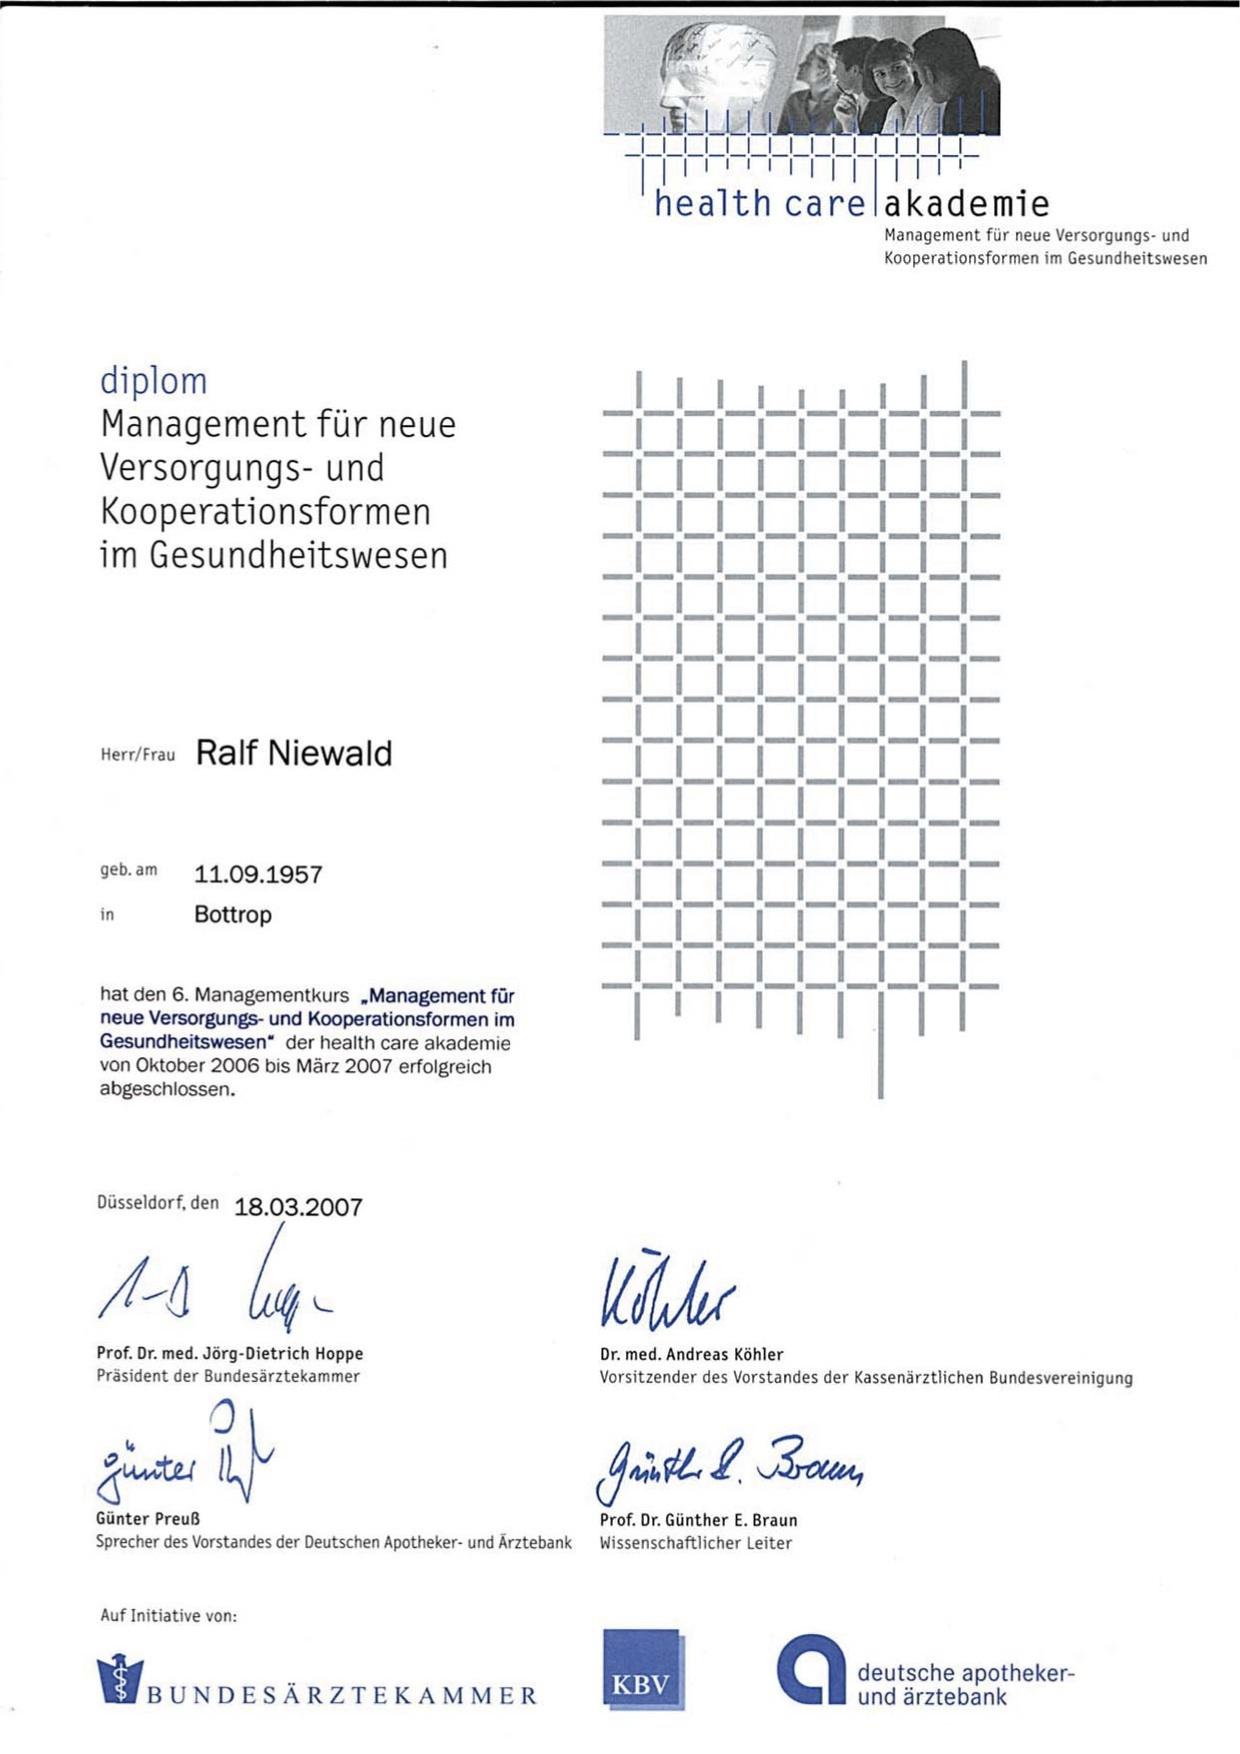 Lebenslauf von Ralf Niewald - Steuerberater in Bottrop - Jetzt ...